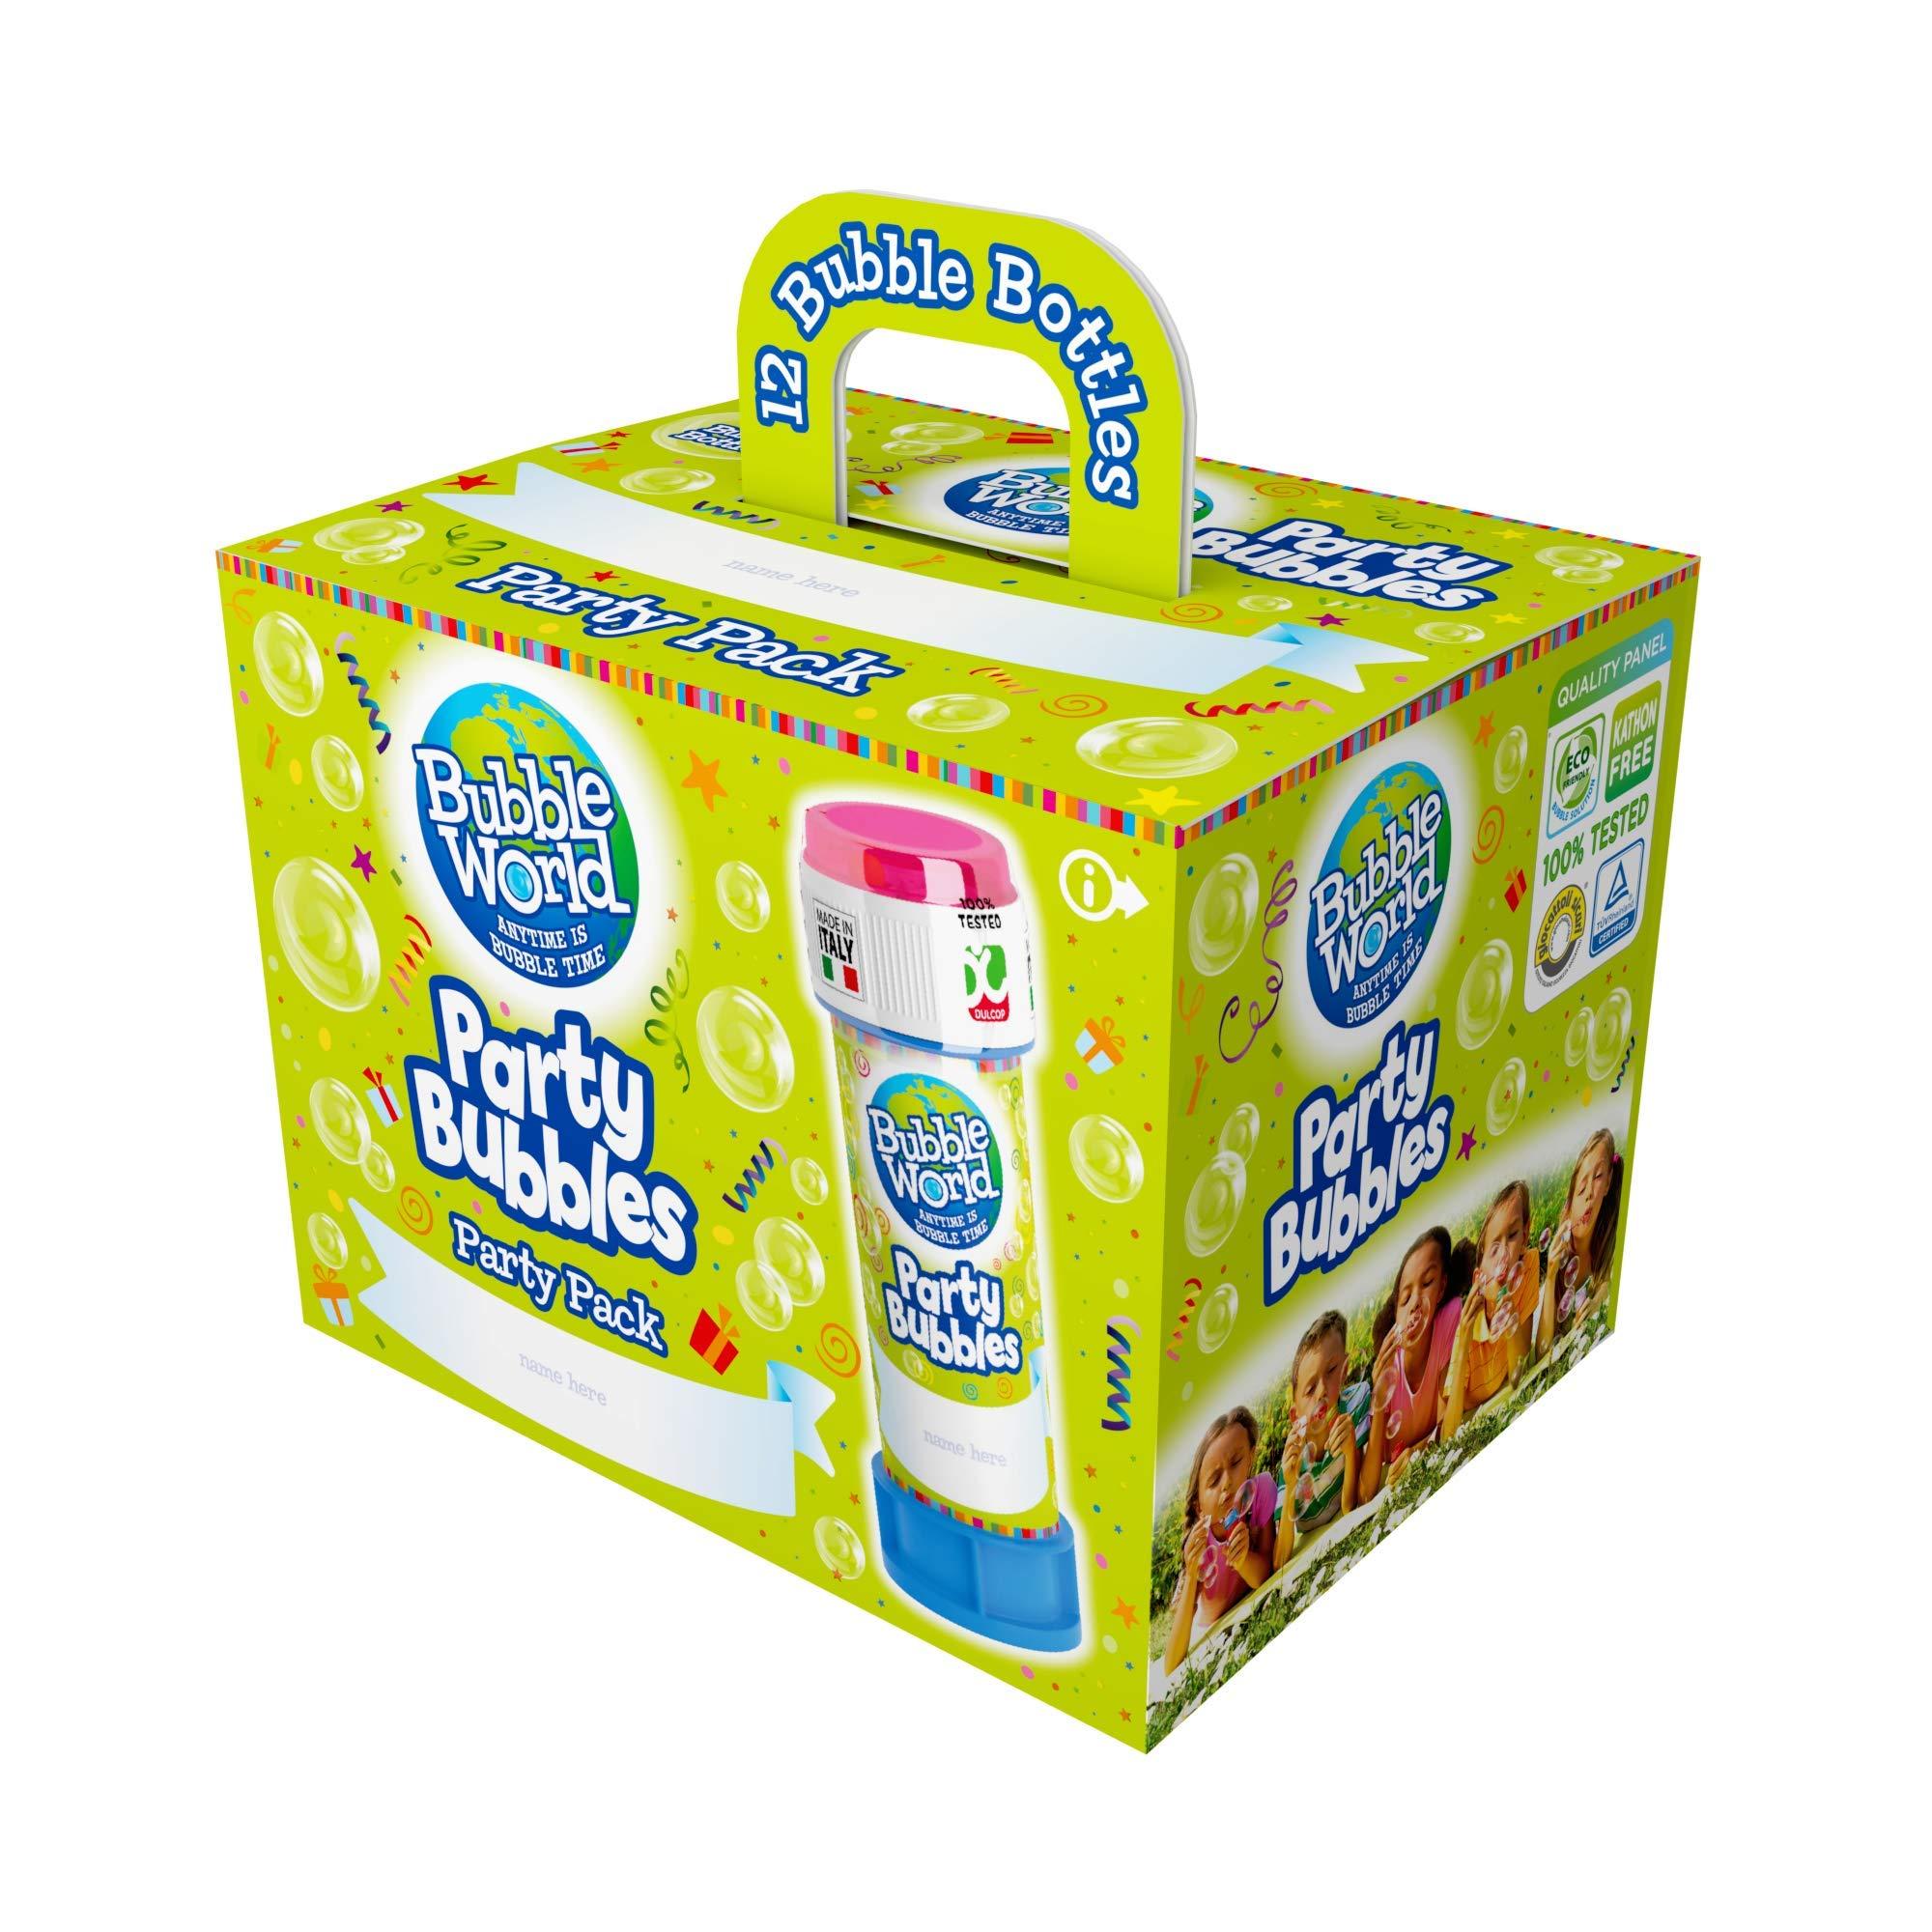 Dulcop- Party Pack, 12 tubos de 60 ml de burbujas de jabón 414.0720000: Amazon.es: Juguetes y juegos